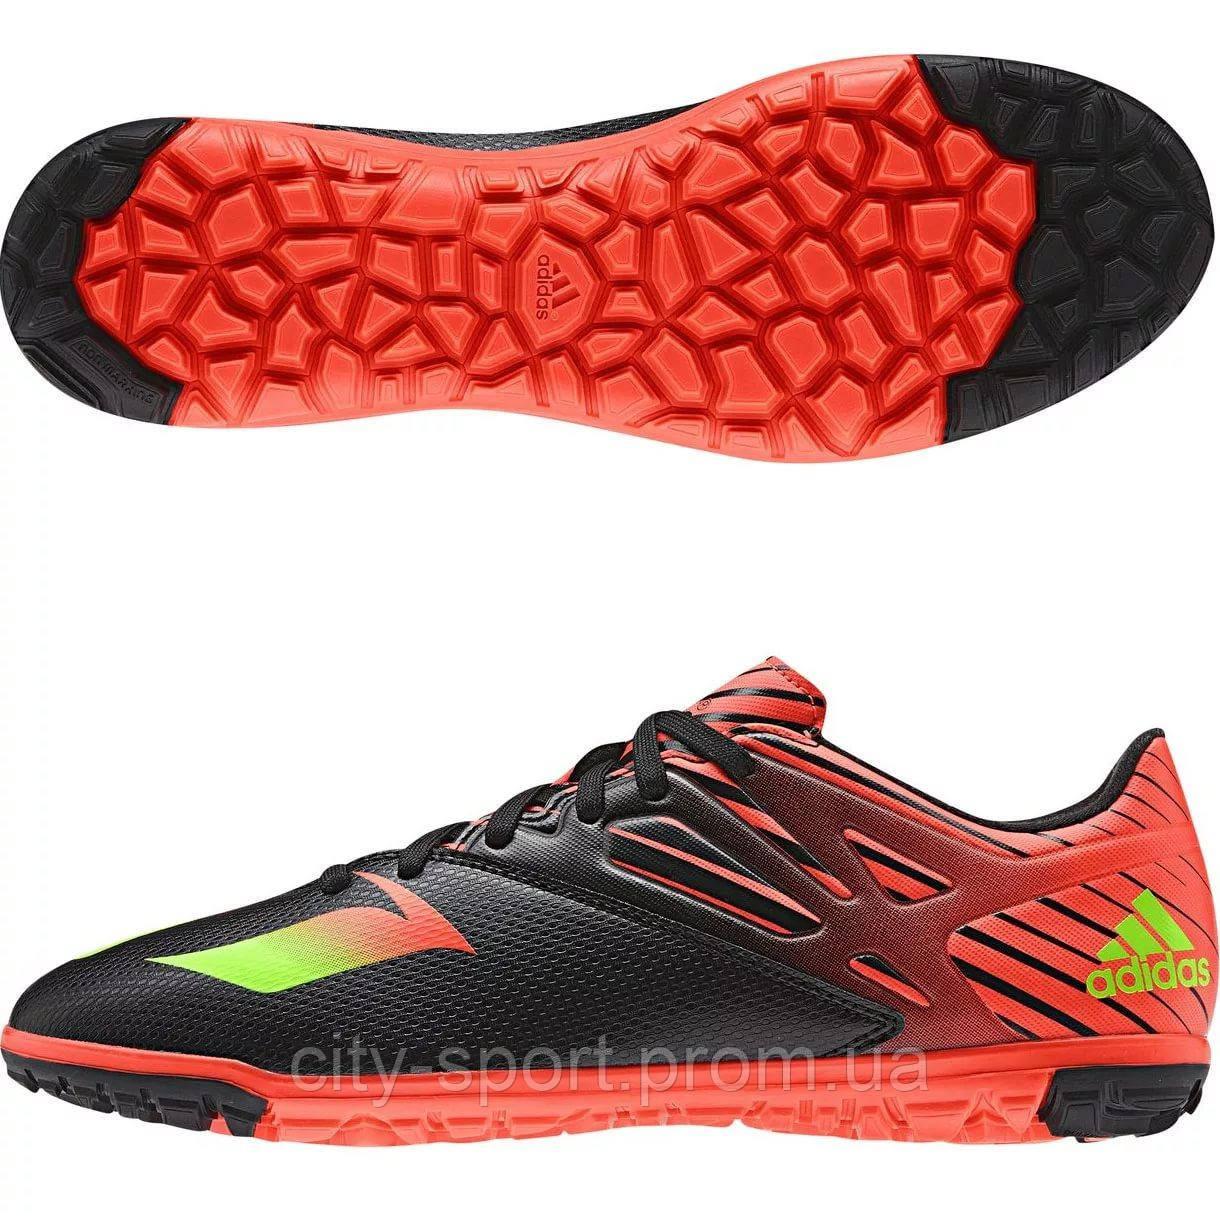 Футбольные сороконожки Adidas Messi 15.3 TF арт.AF4667 -